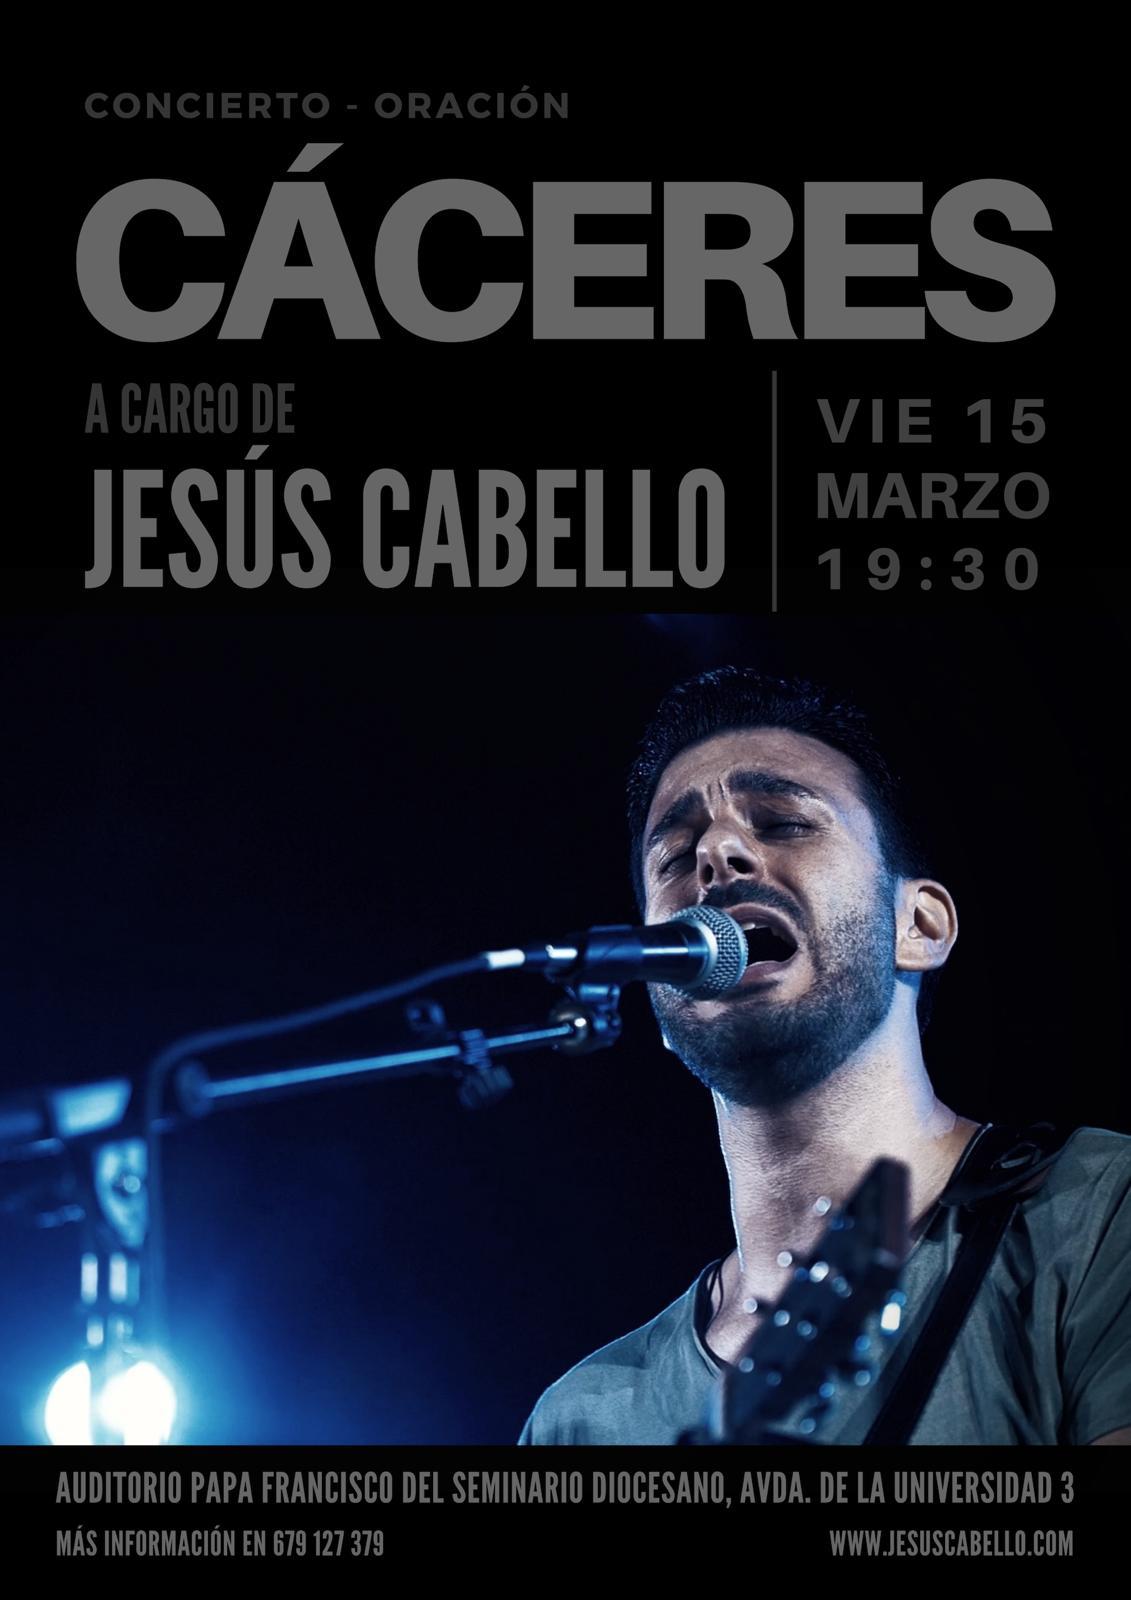 CONCIERTO DE JESÚS CABELLO